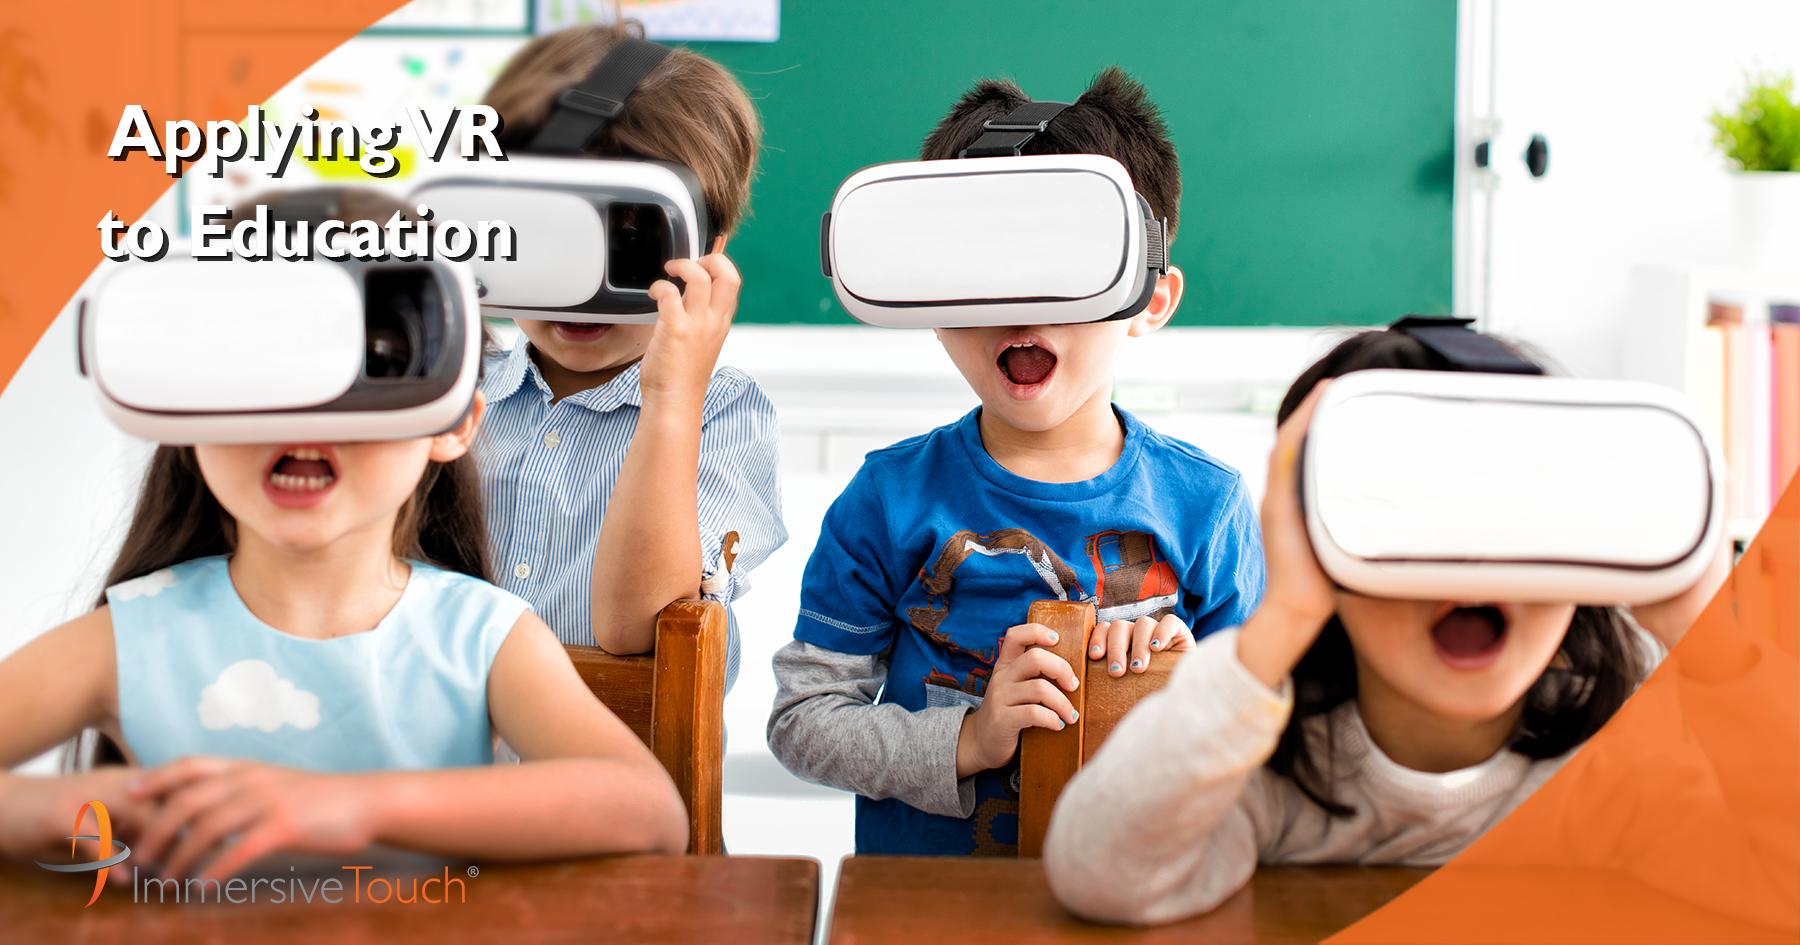 immersivetouch-apply-vr-education.jpg